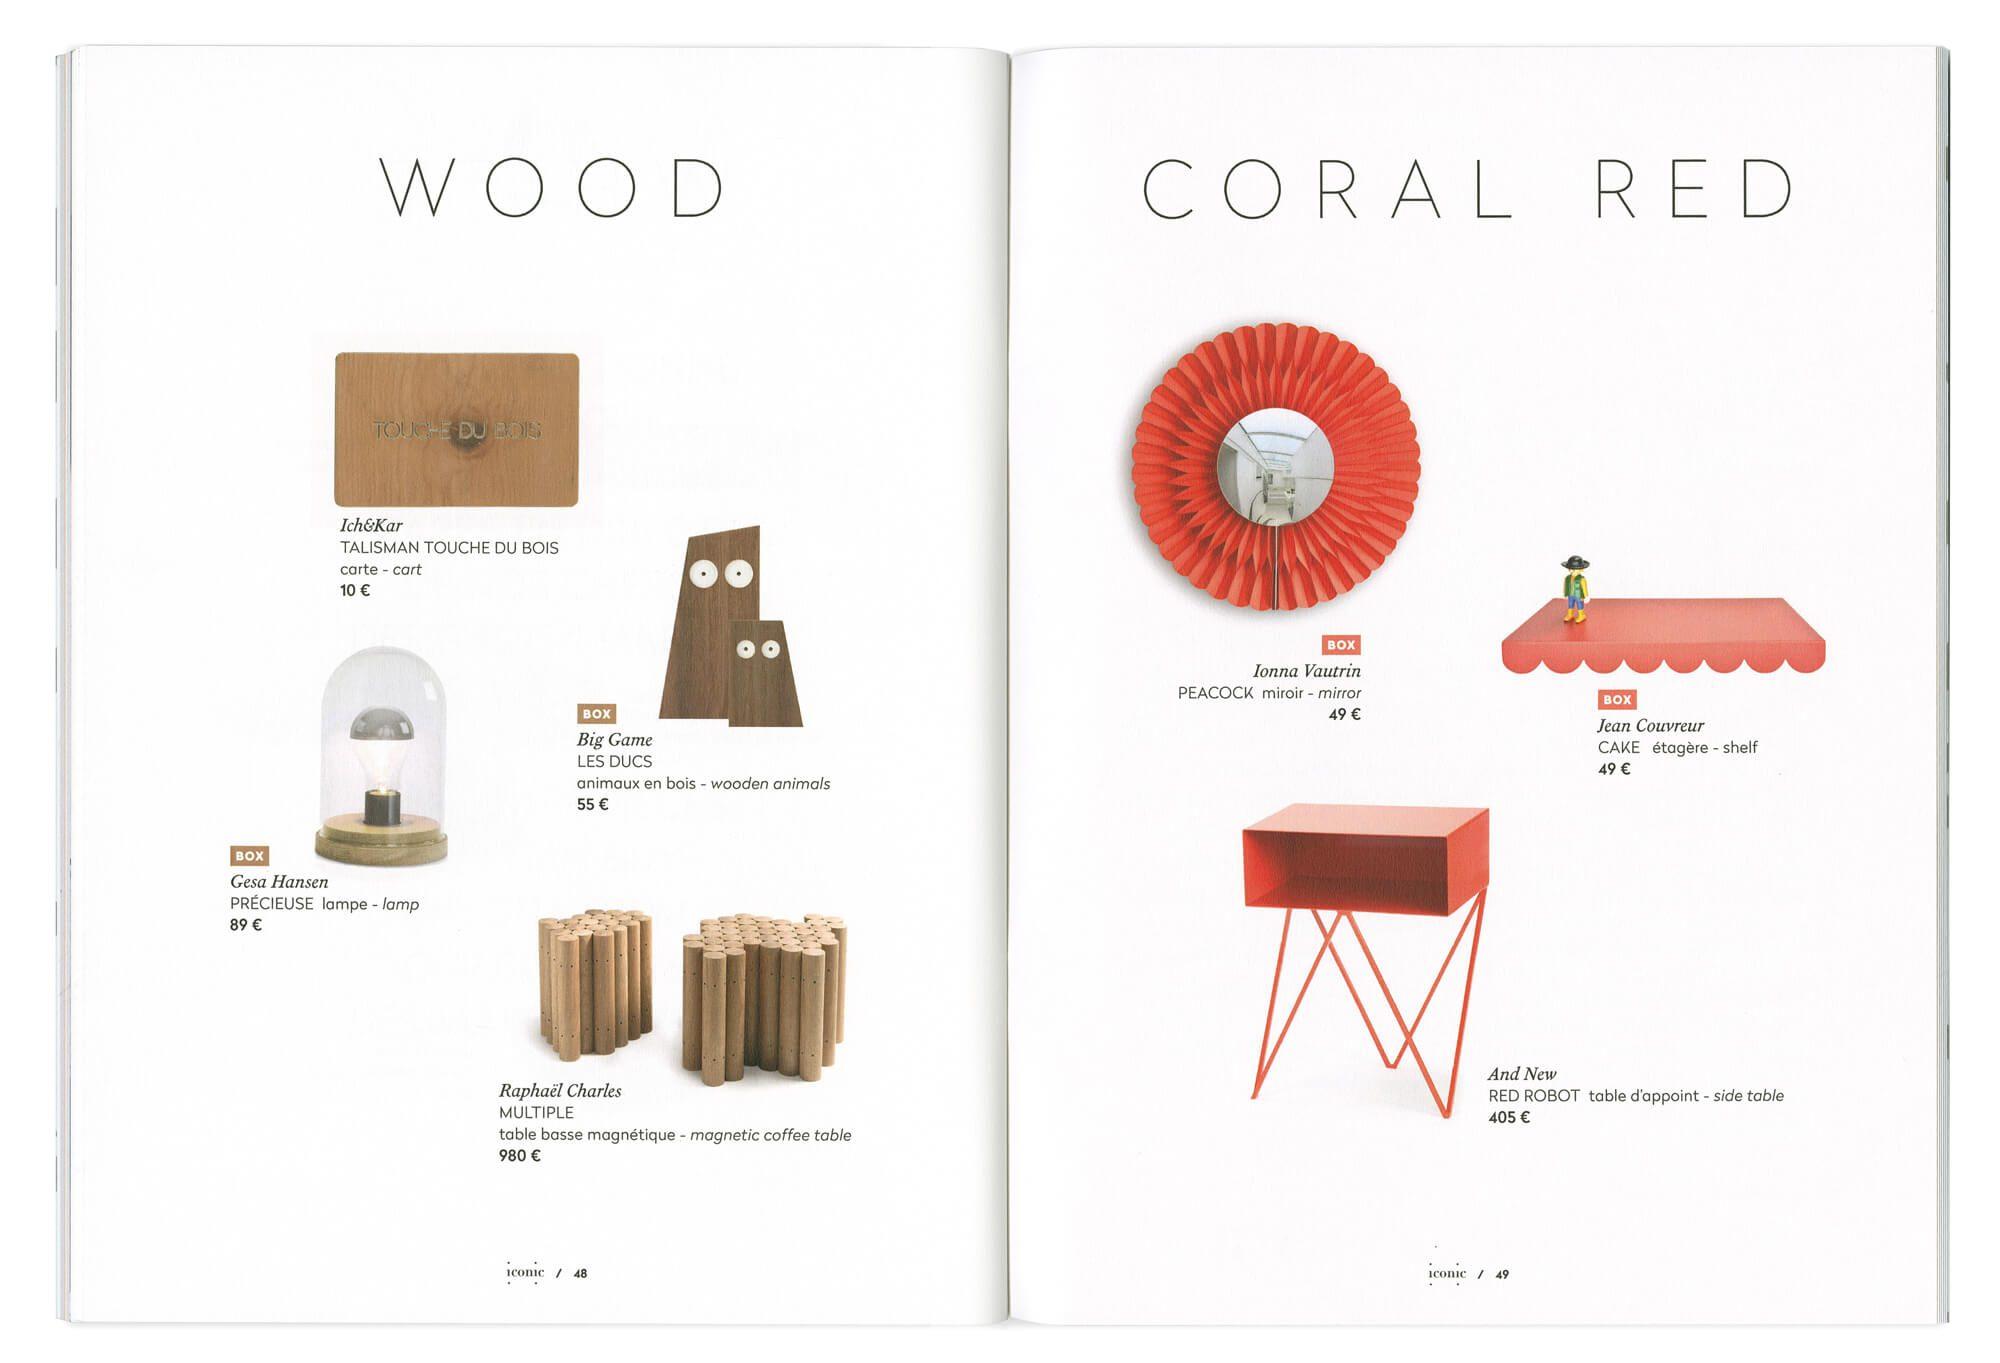 double page de maquette dessinée pour designerbox mettant en scène des objets de design autour de thématiques